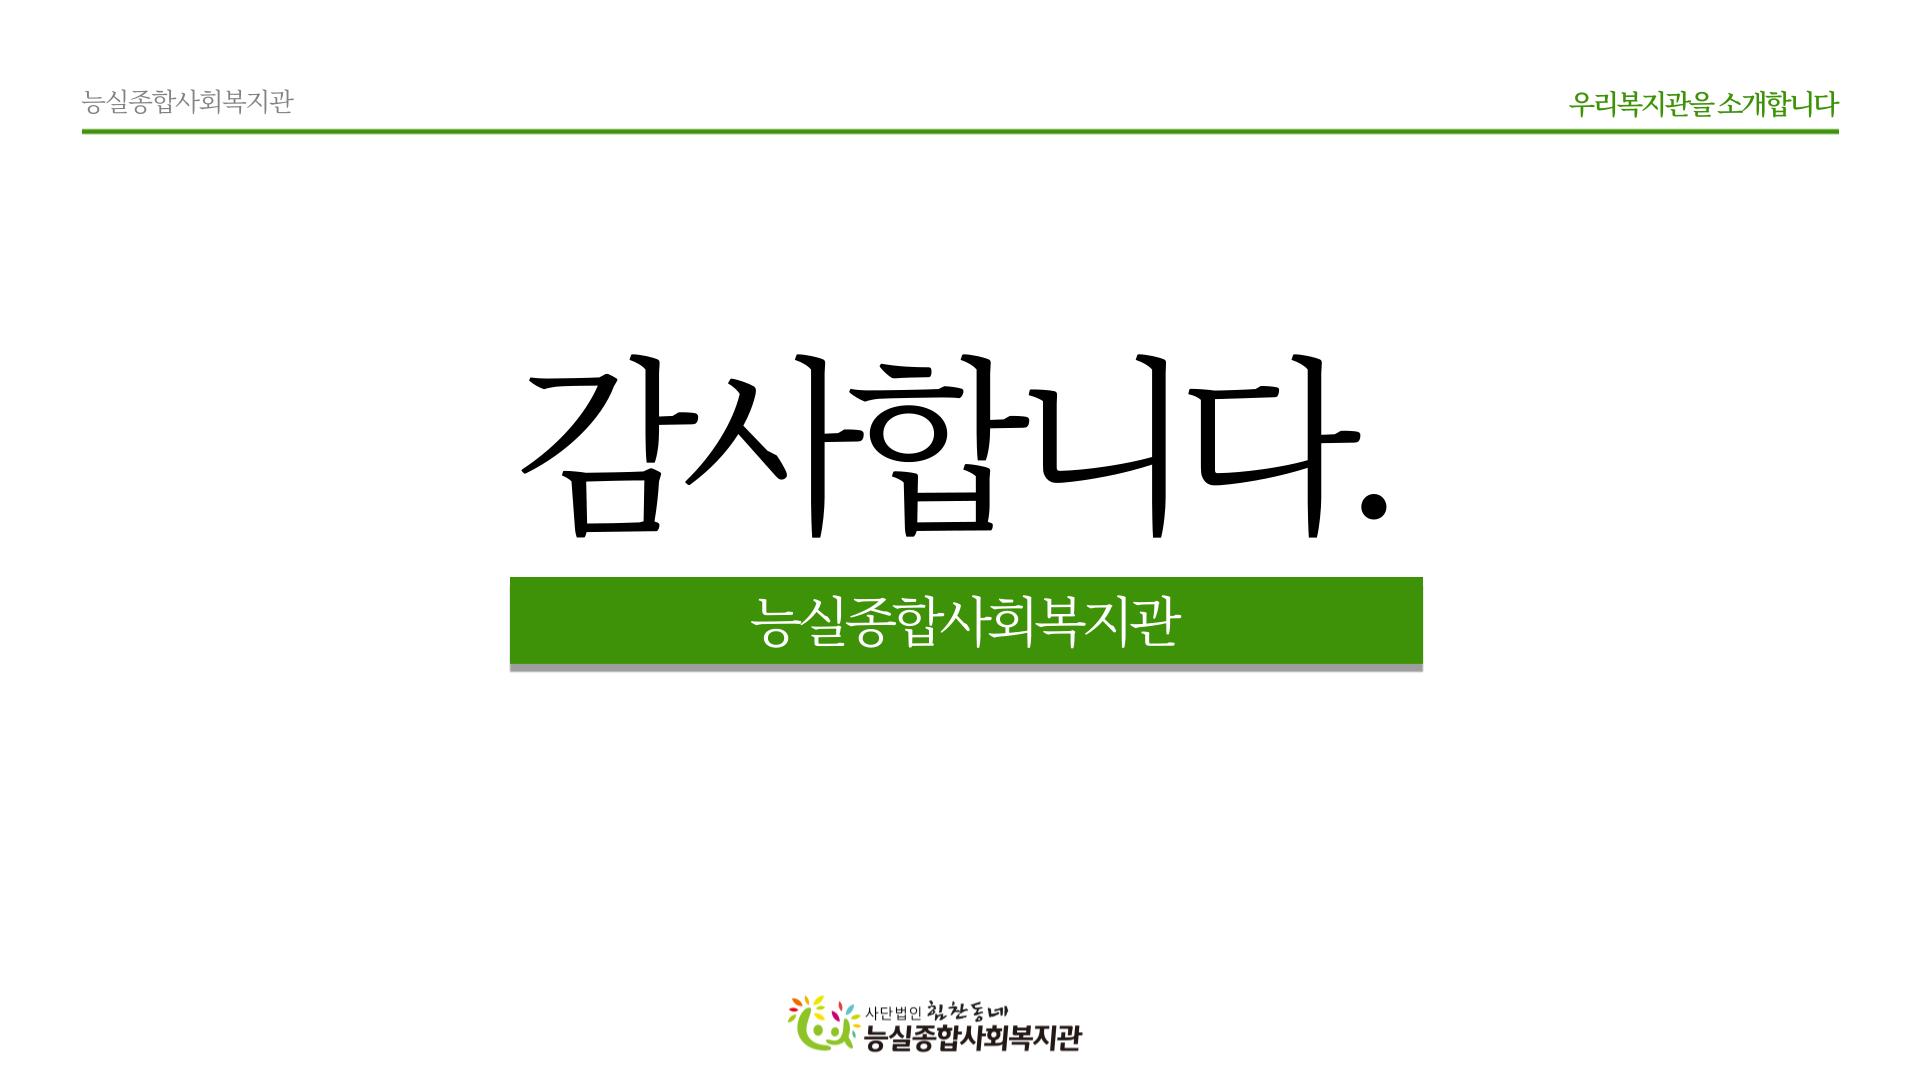 우복소_능실종합사회복지관-9.png